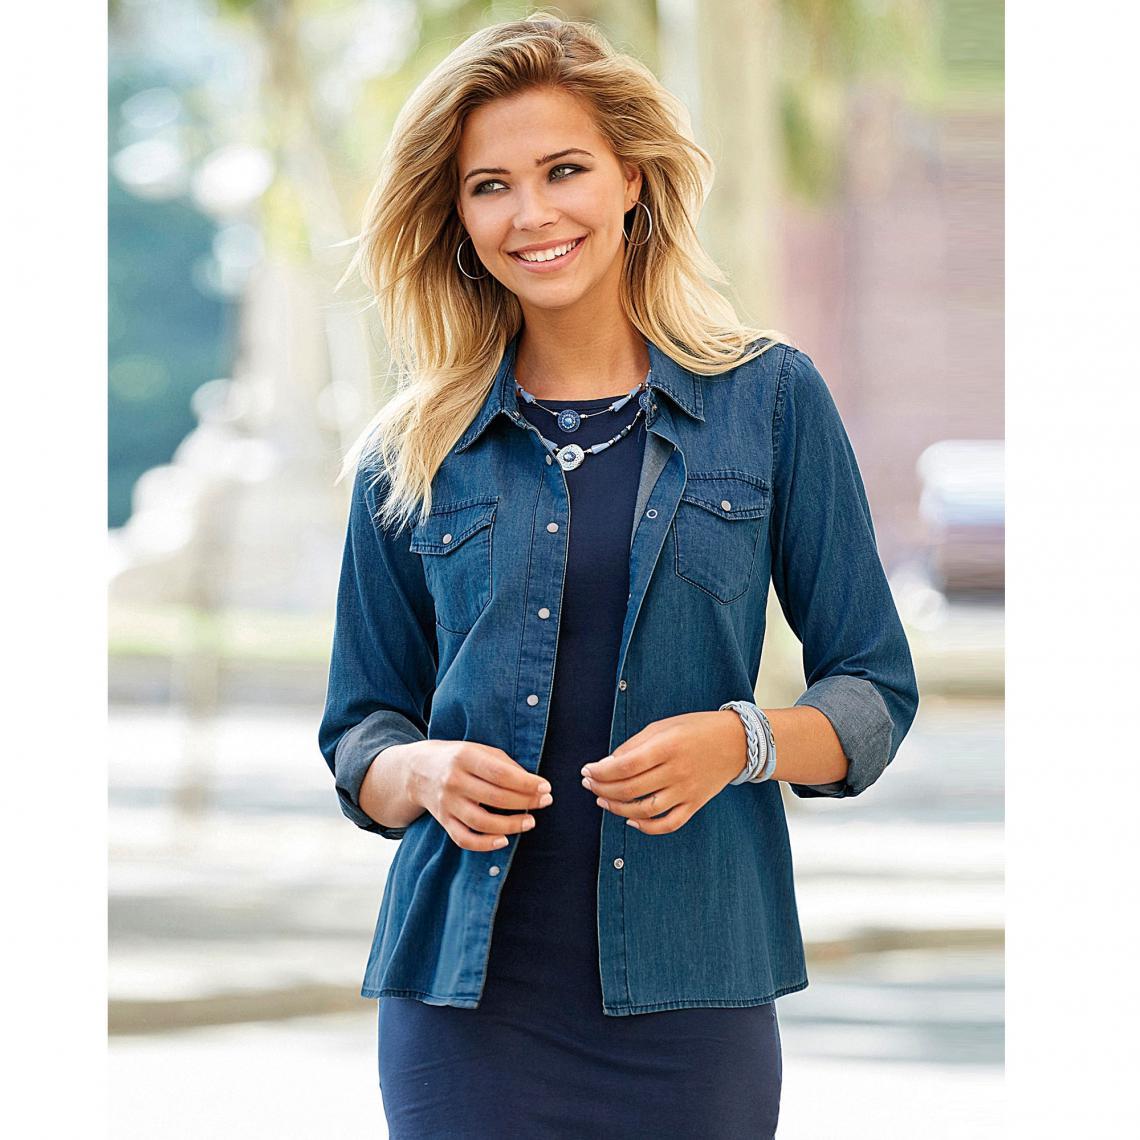 Chemise en jean à pressions manches longues femme Bleu 3 Avis Plus de détails